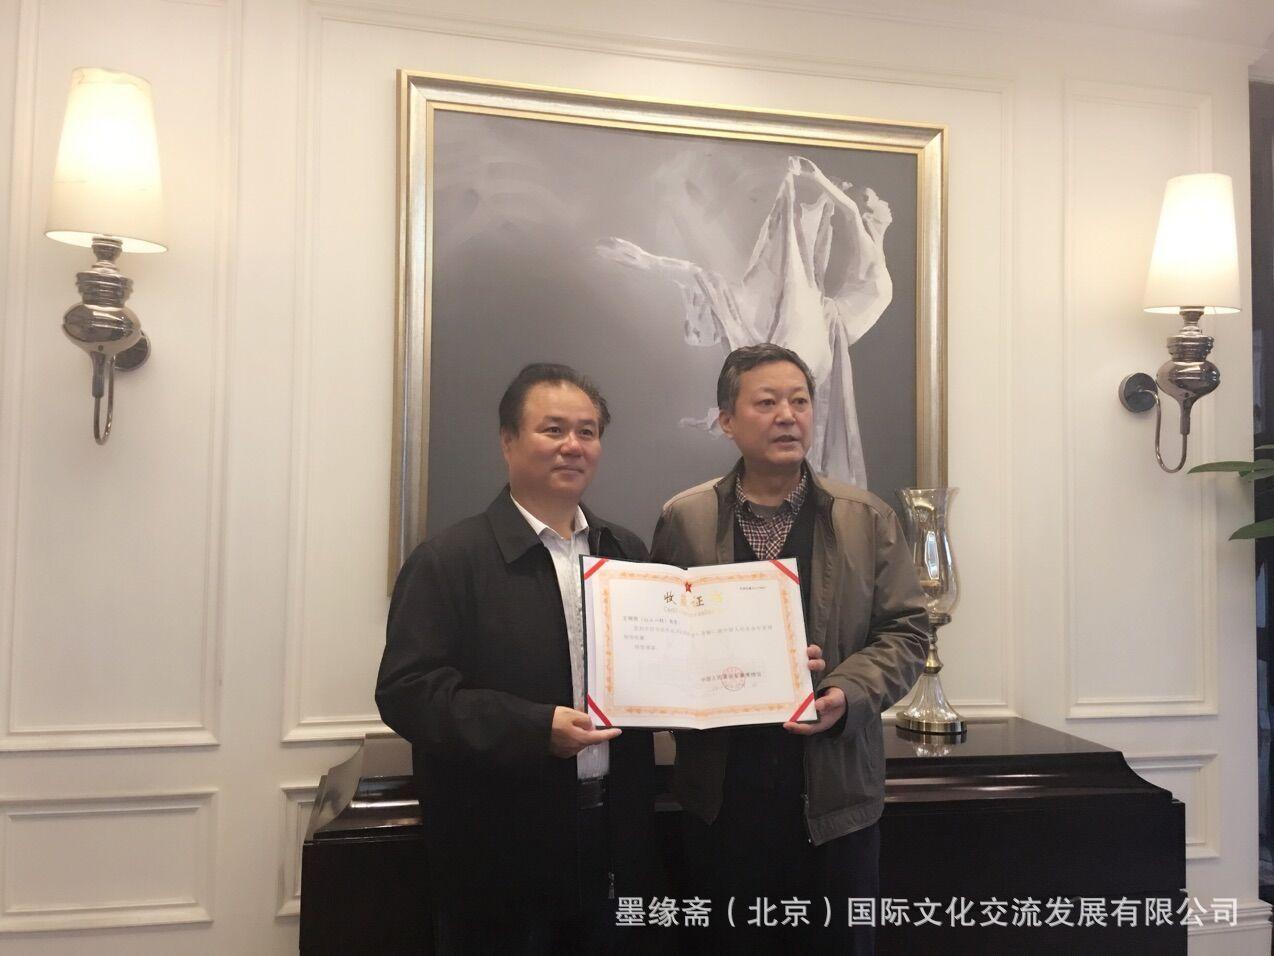 山人一村作品由中国军事博物馆收藏证书